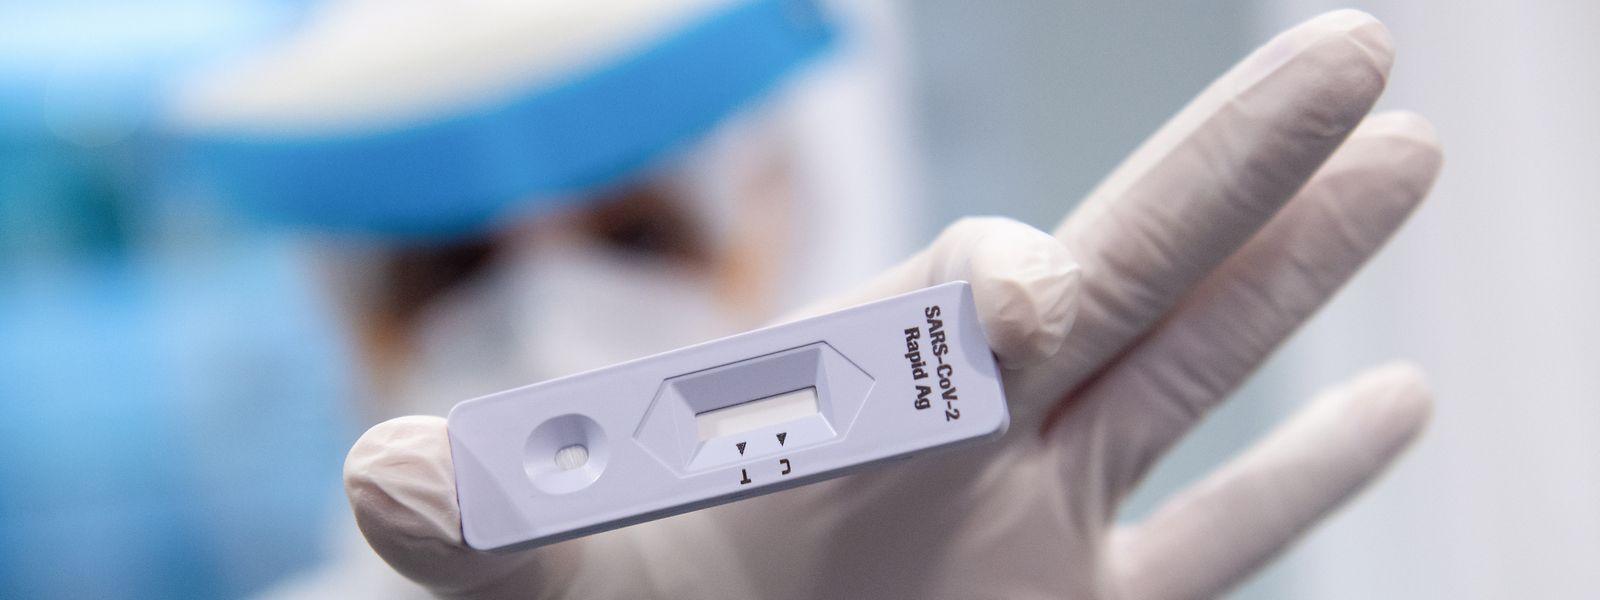 Bien que ne constituant pas «une garantie absolue» contre la propagation de la pandémie, la mise à disposition de tests rapides dans les entreprises doit être une manière «de permettre la sortie de crise»